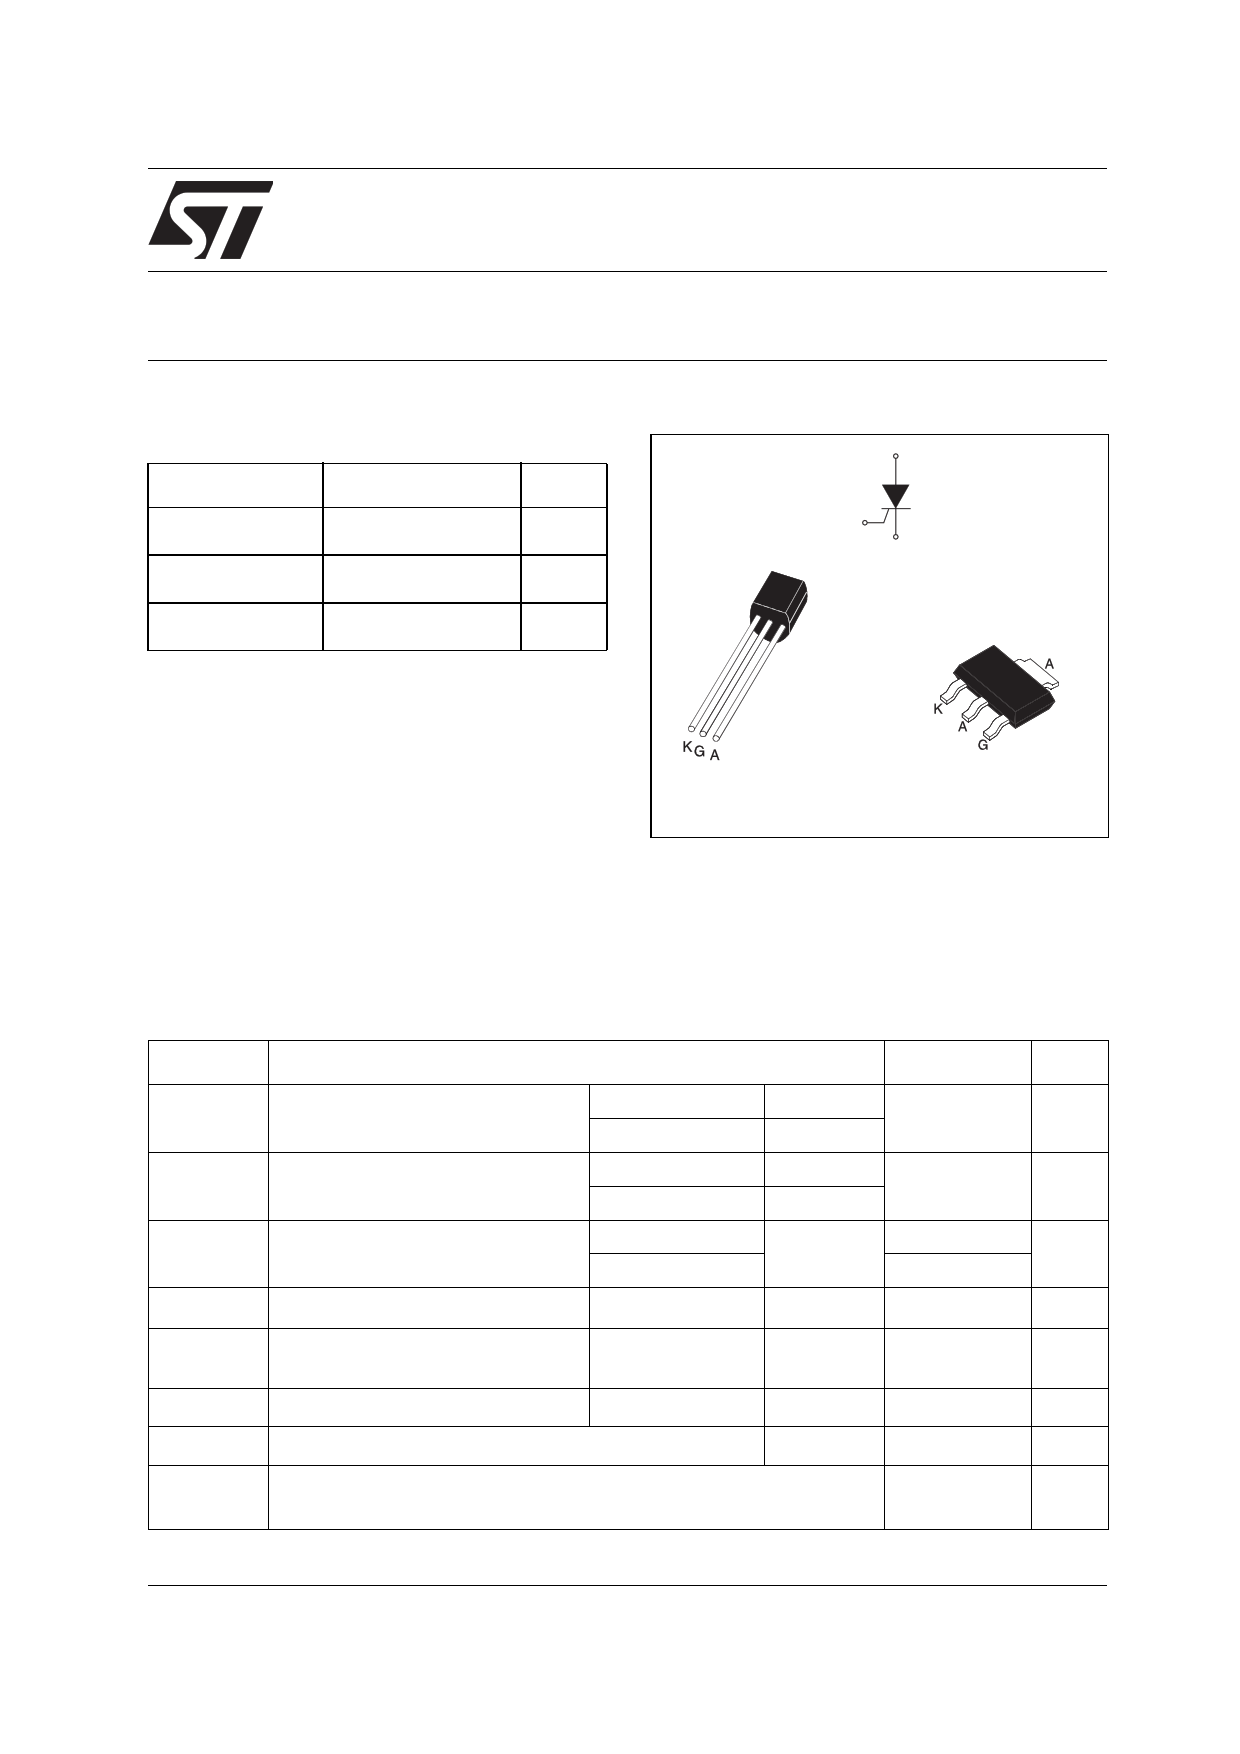 X0205NA1BA2 datasheet